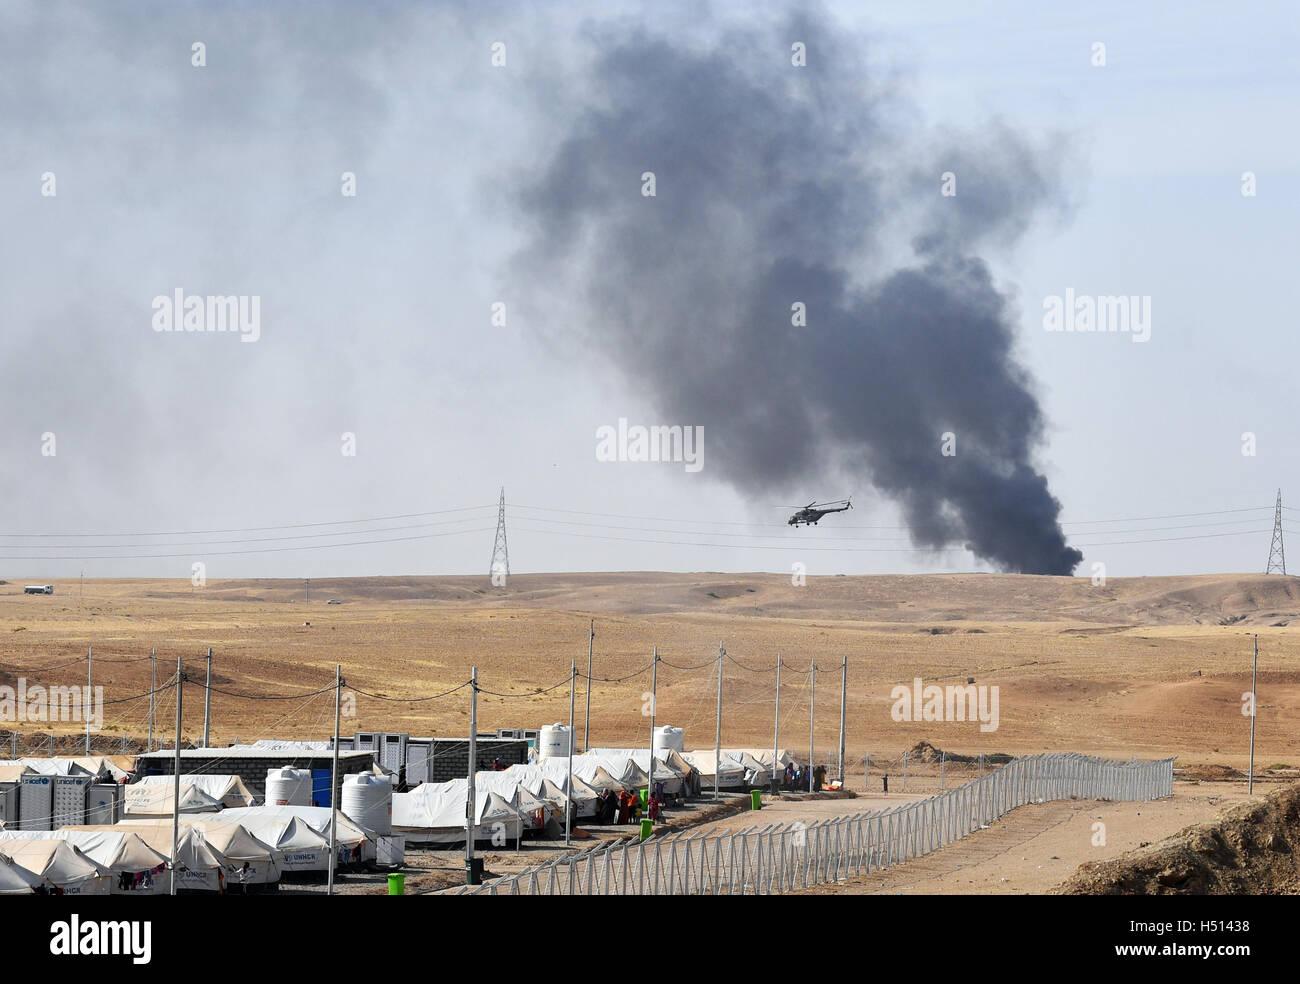 Un helicóptero y humo negro procedente de la quema de petróleo de una planta puede ser visto detrás Imagen De Stock